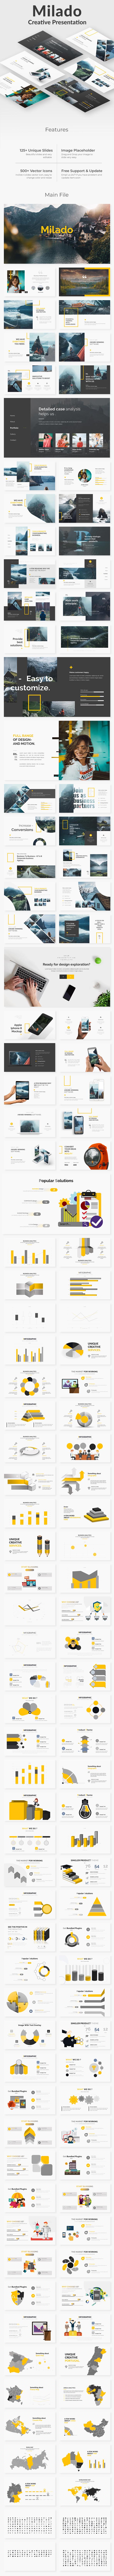 Milado Creative Design Google Slide Template - Google Slides Presentation Templates